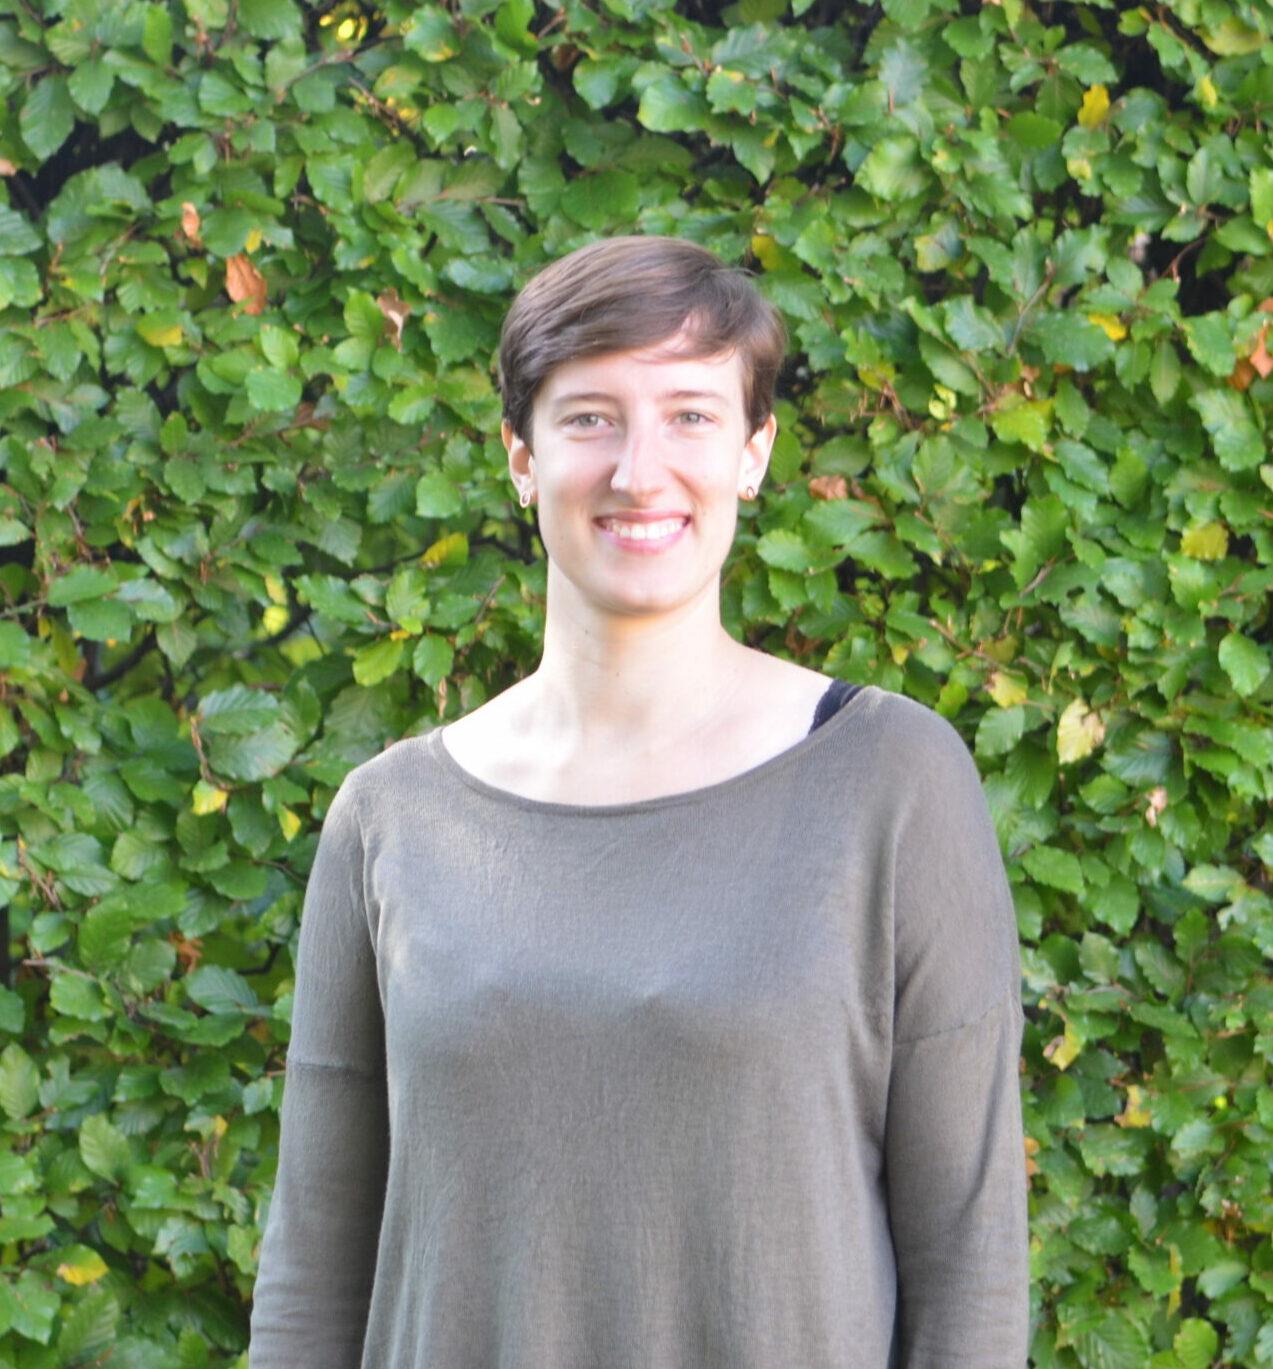 Profilbild Kemnitz